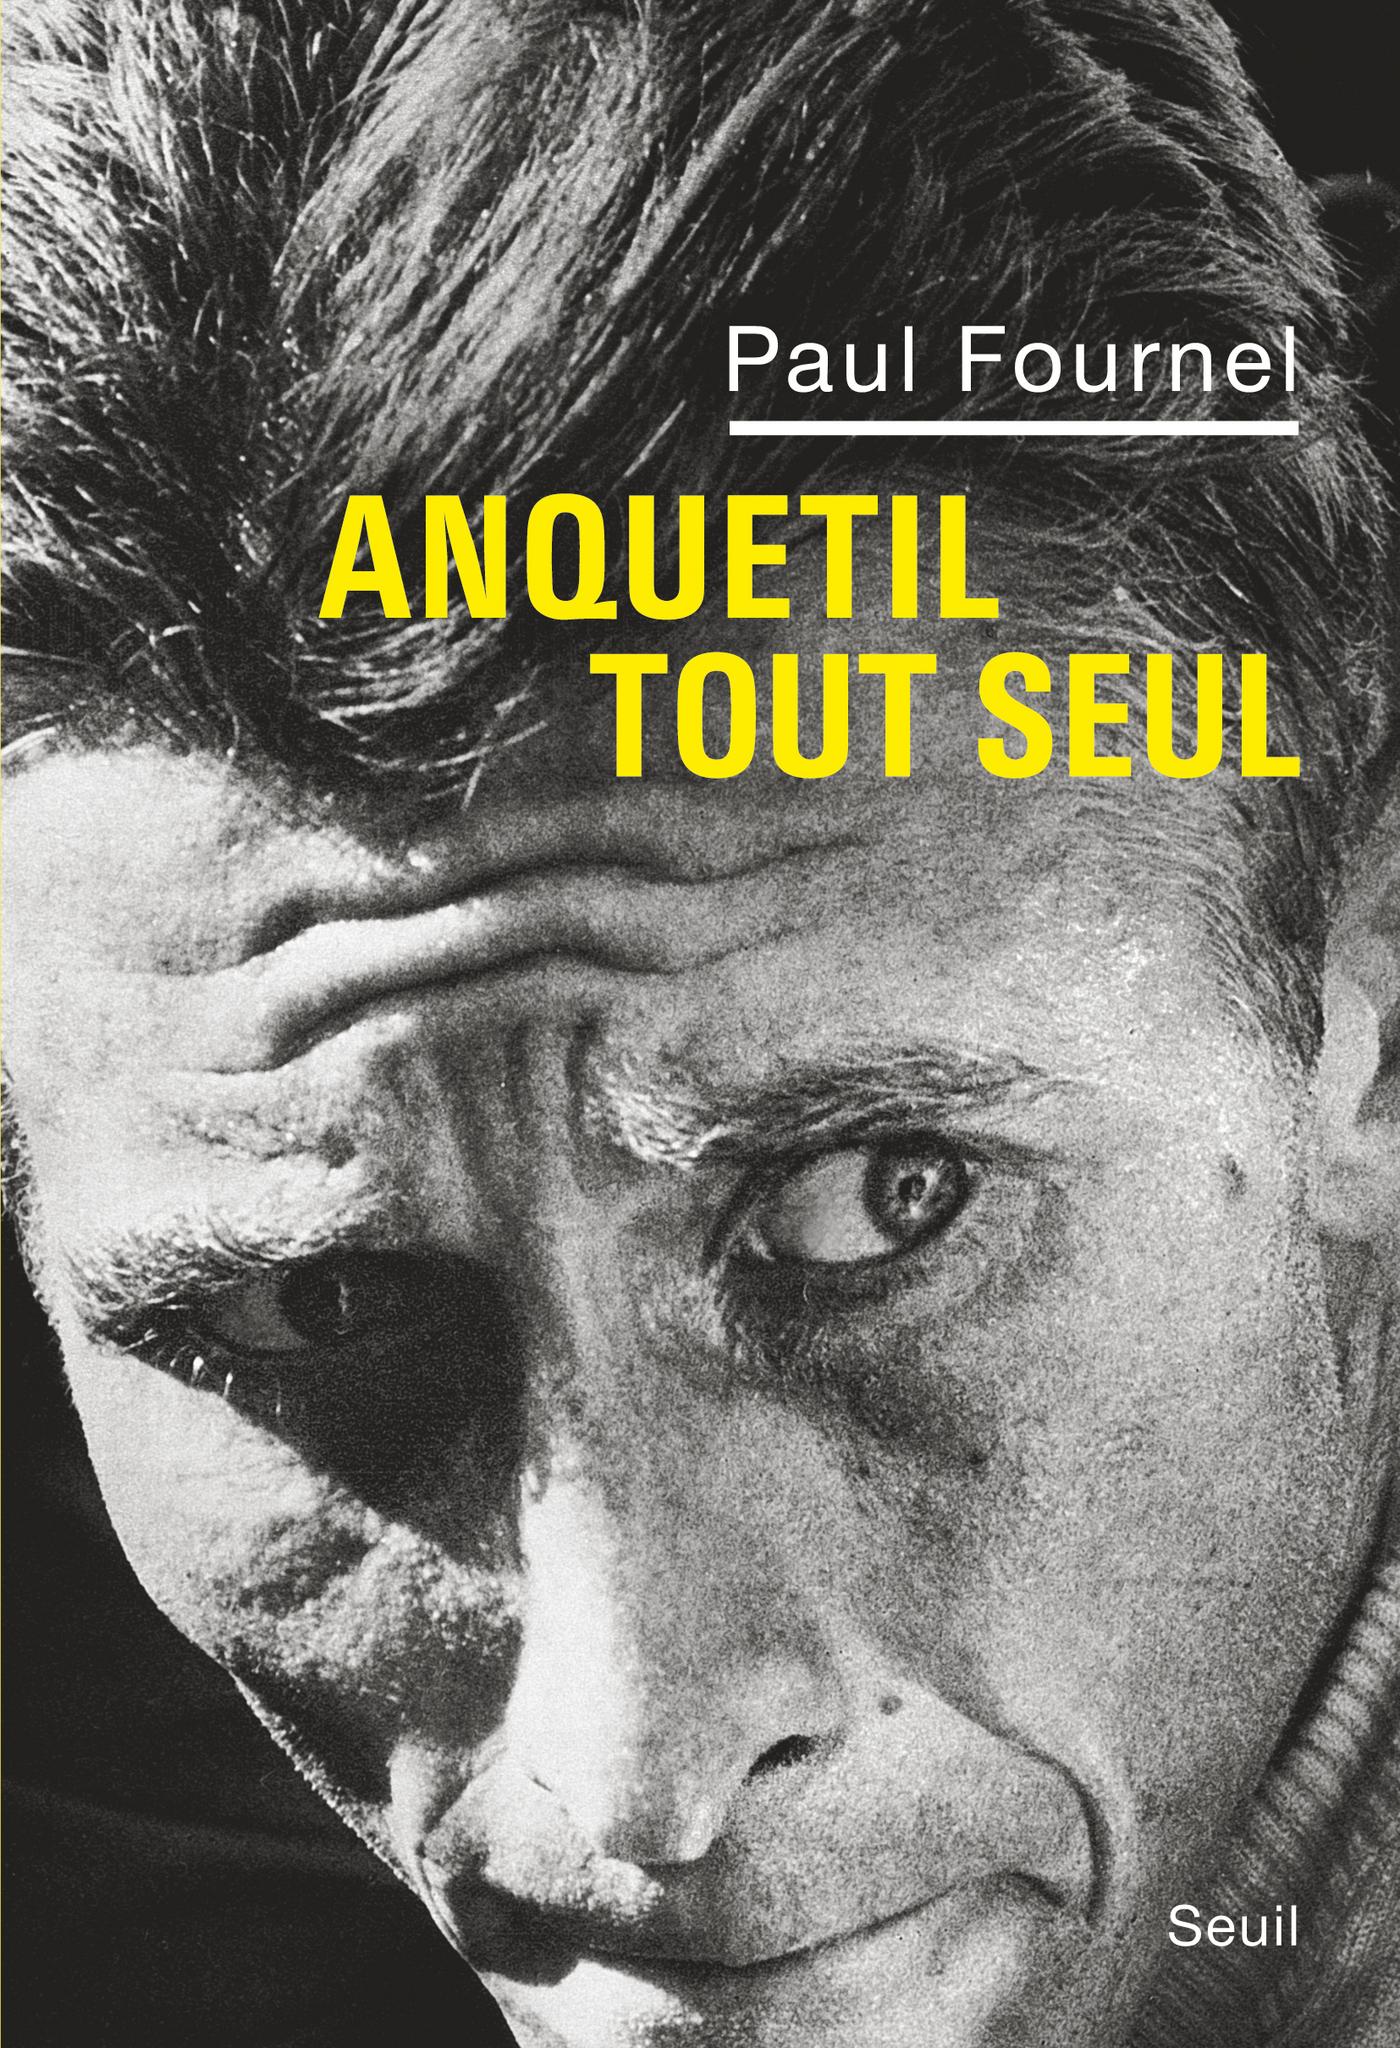 Couverture : Anquetil tout seul Paul Fournel